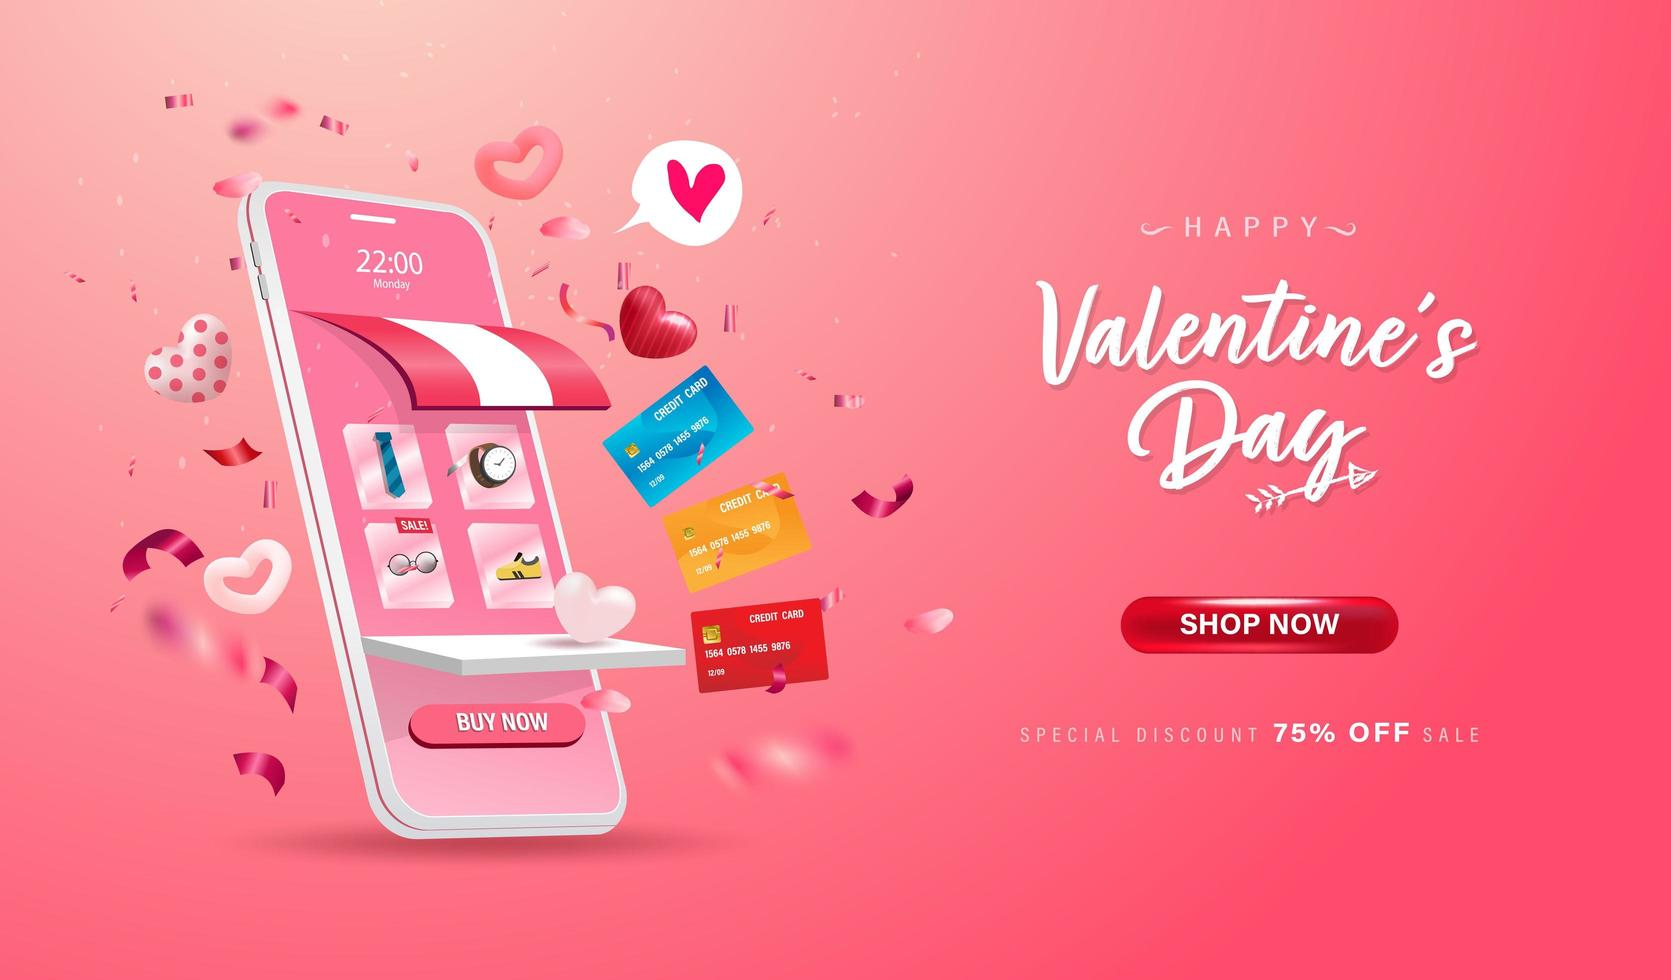 fröhlichen Valentinstag. Online-Shopping-Shop auf Website und Handy vektor